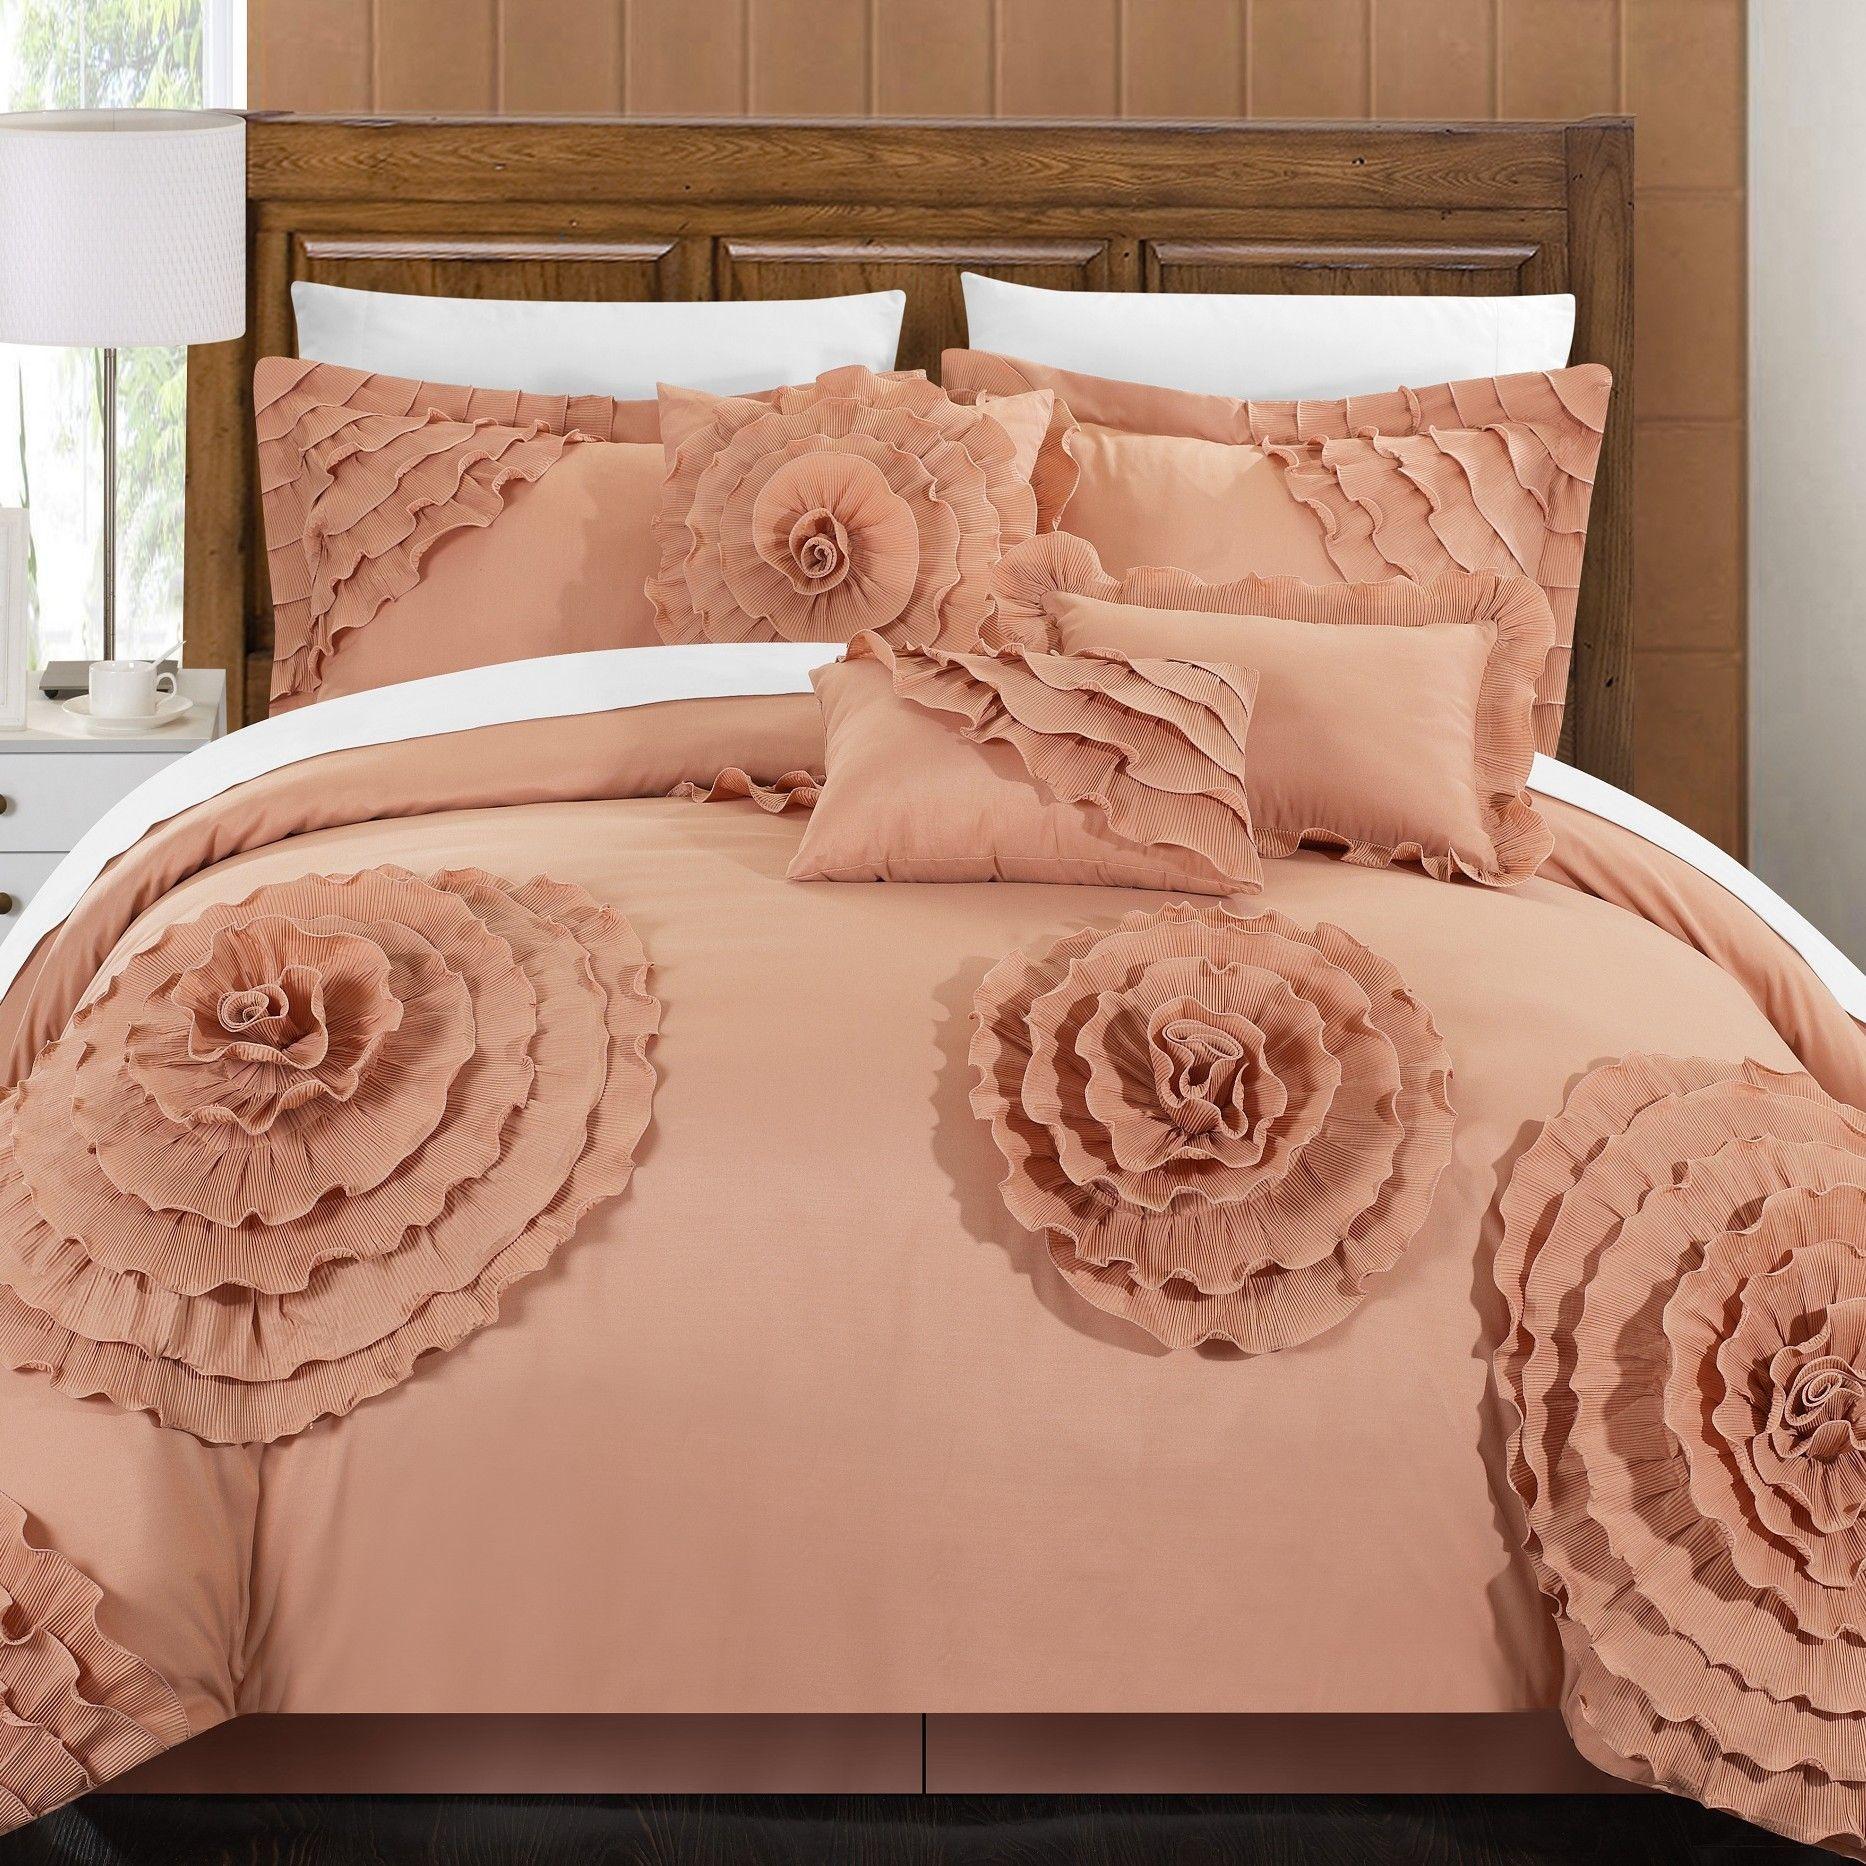 Best Belinda Comforter Set Comforter Sets Duvet Cover Sets Home 640 x 480